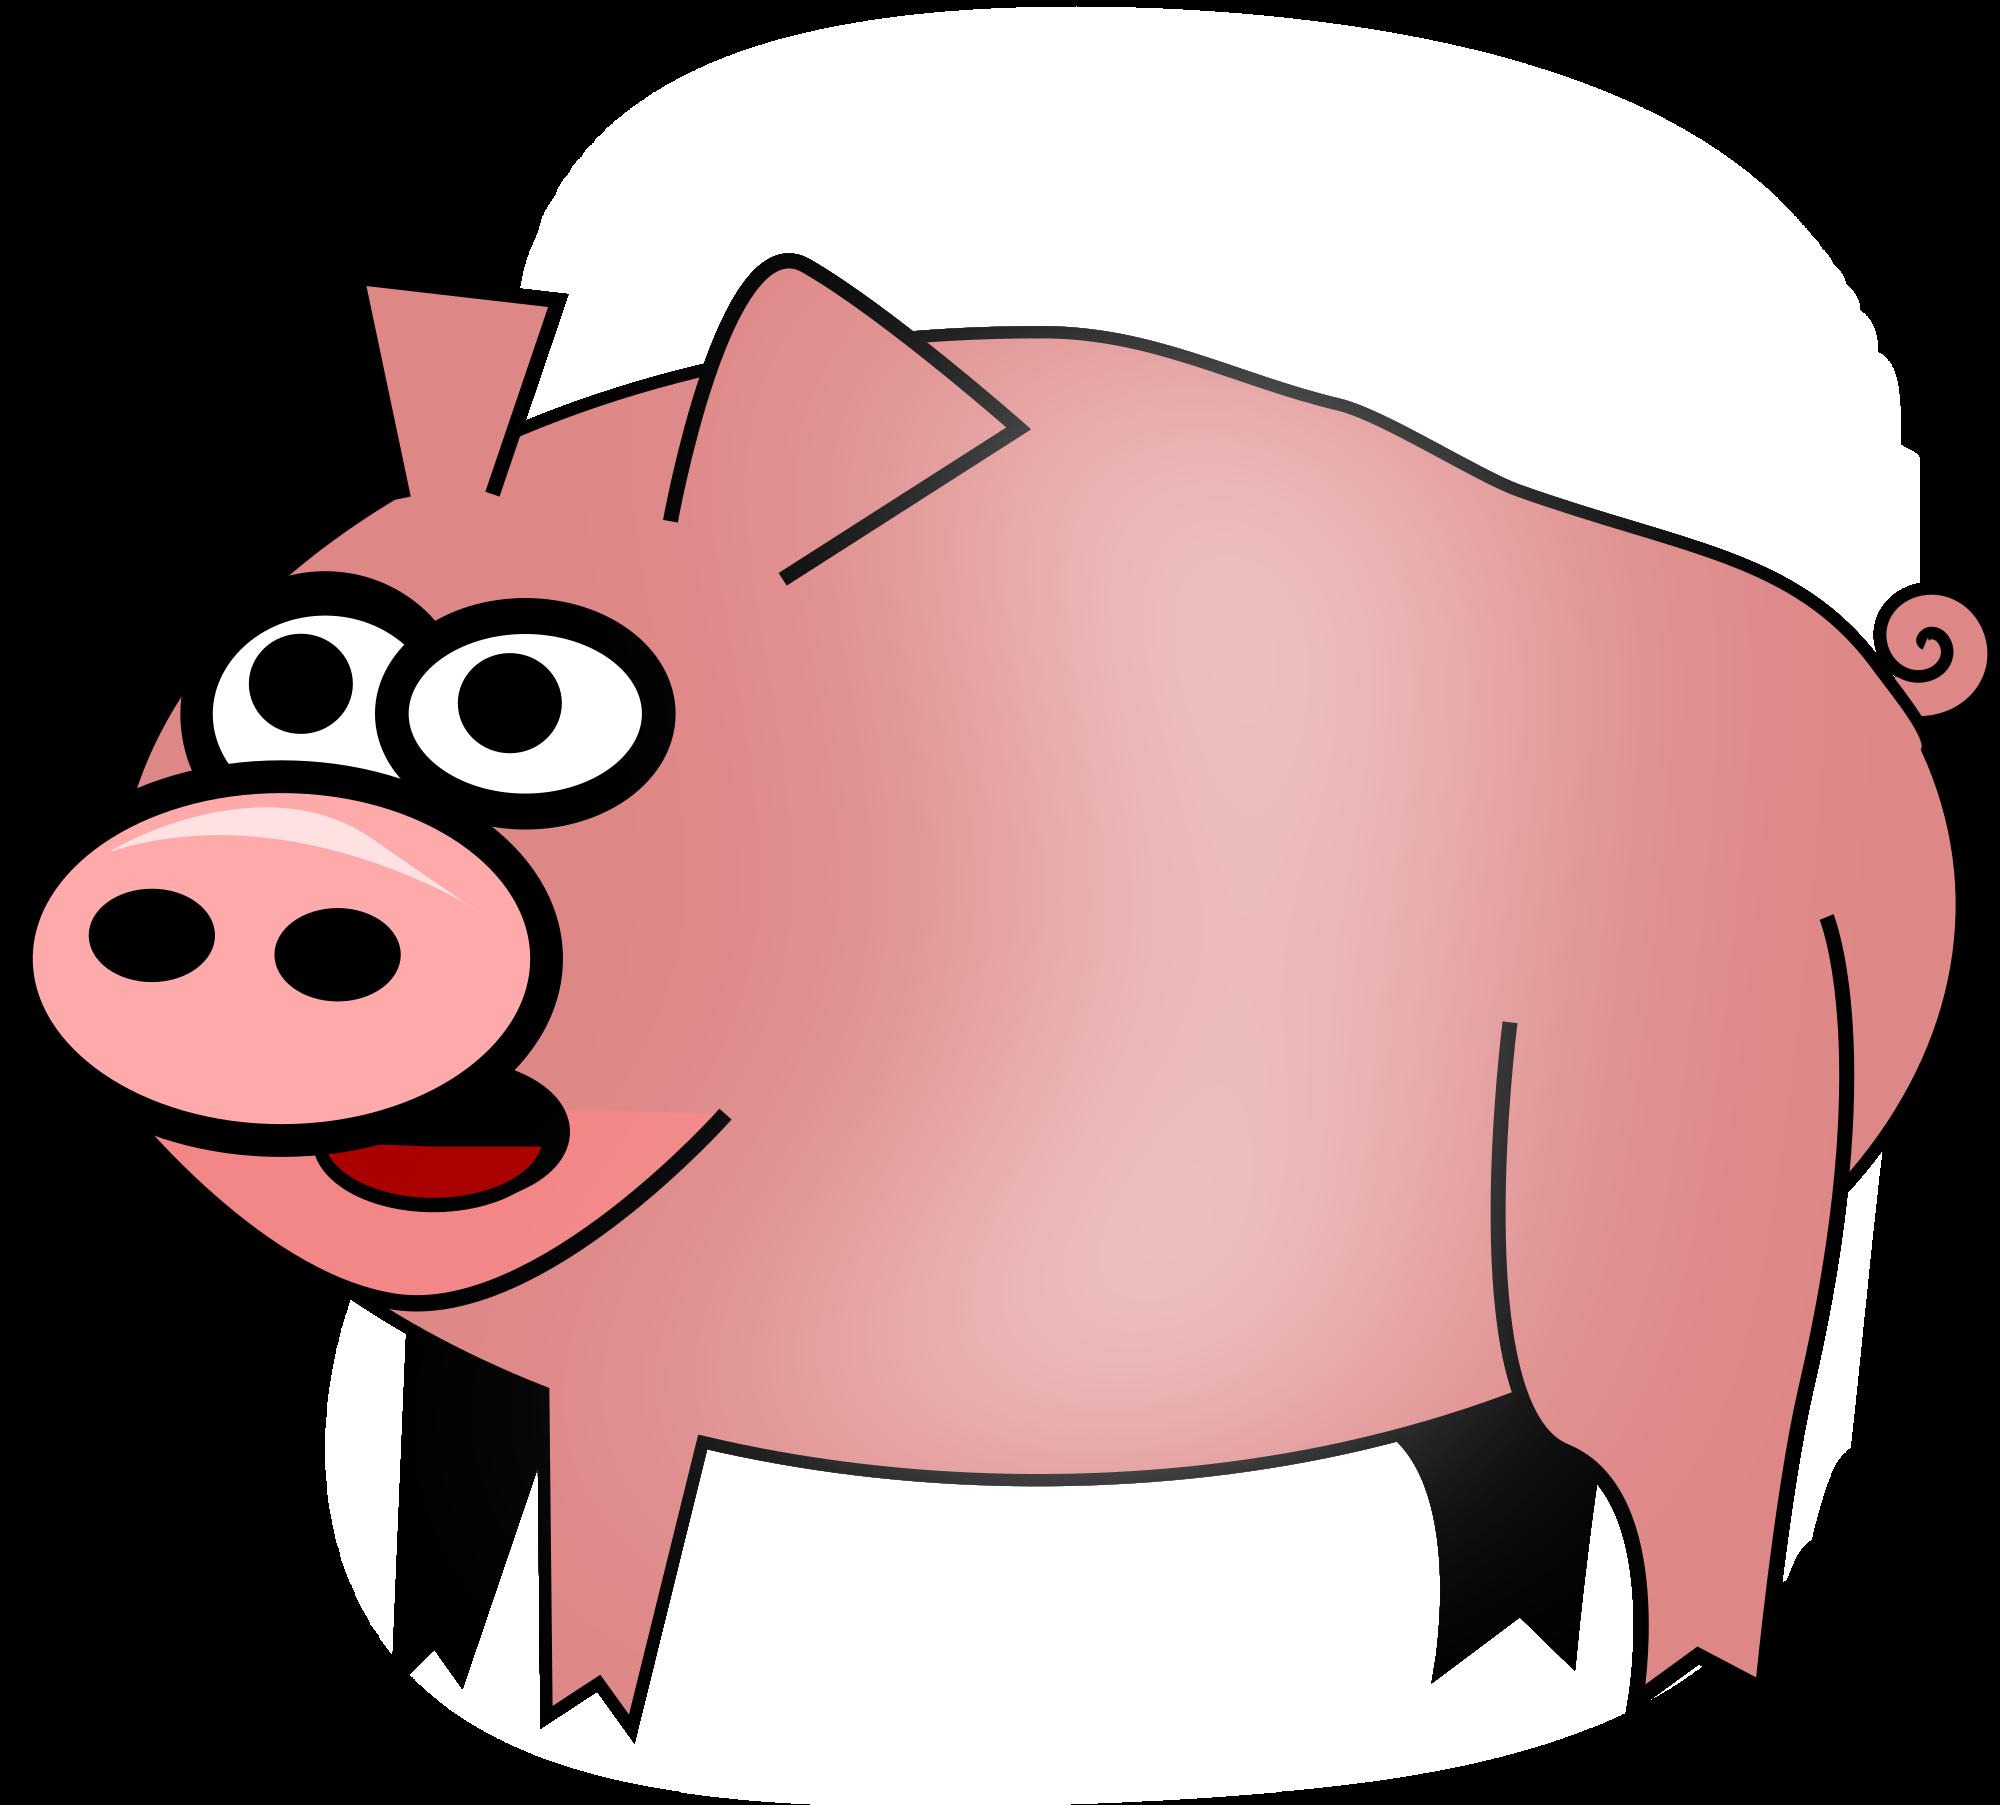 Cute clipartix. Clipart pig food